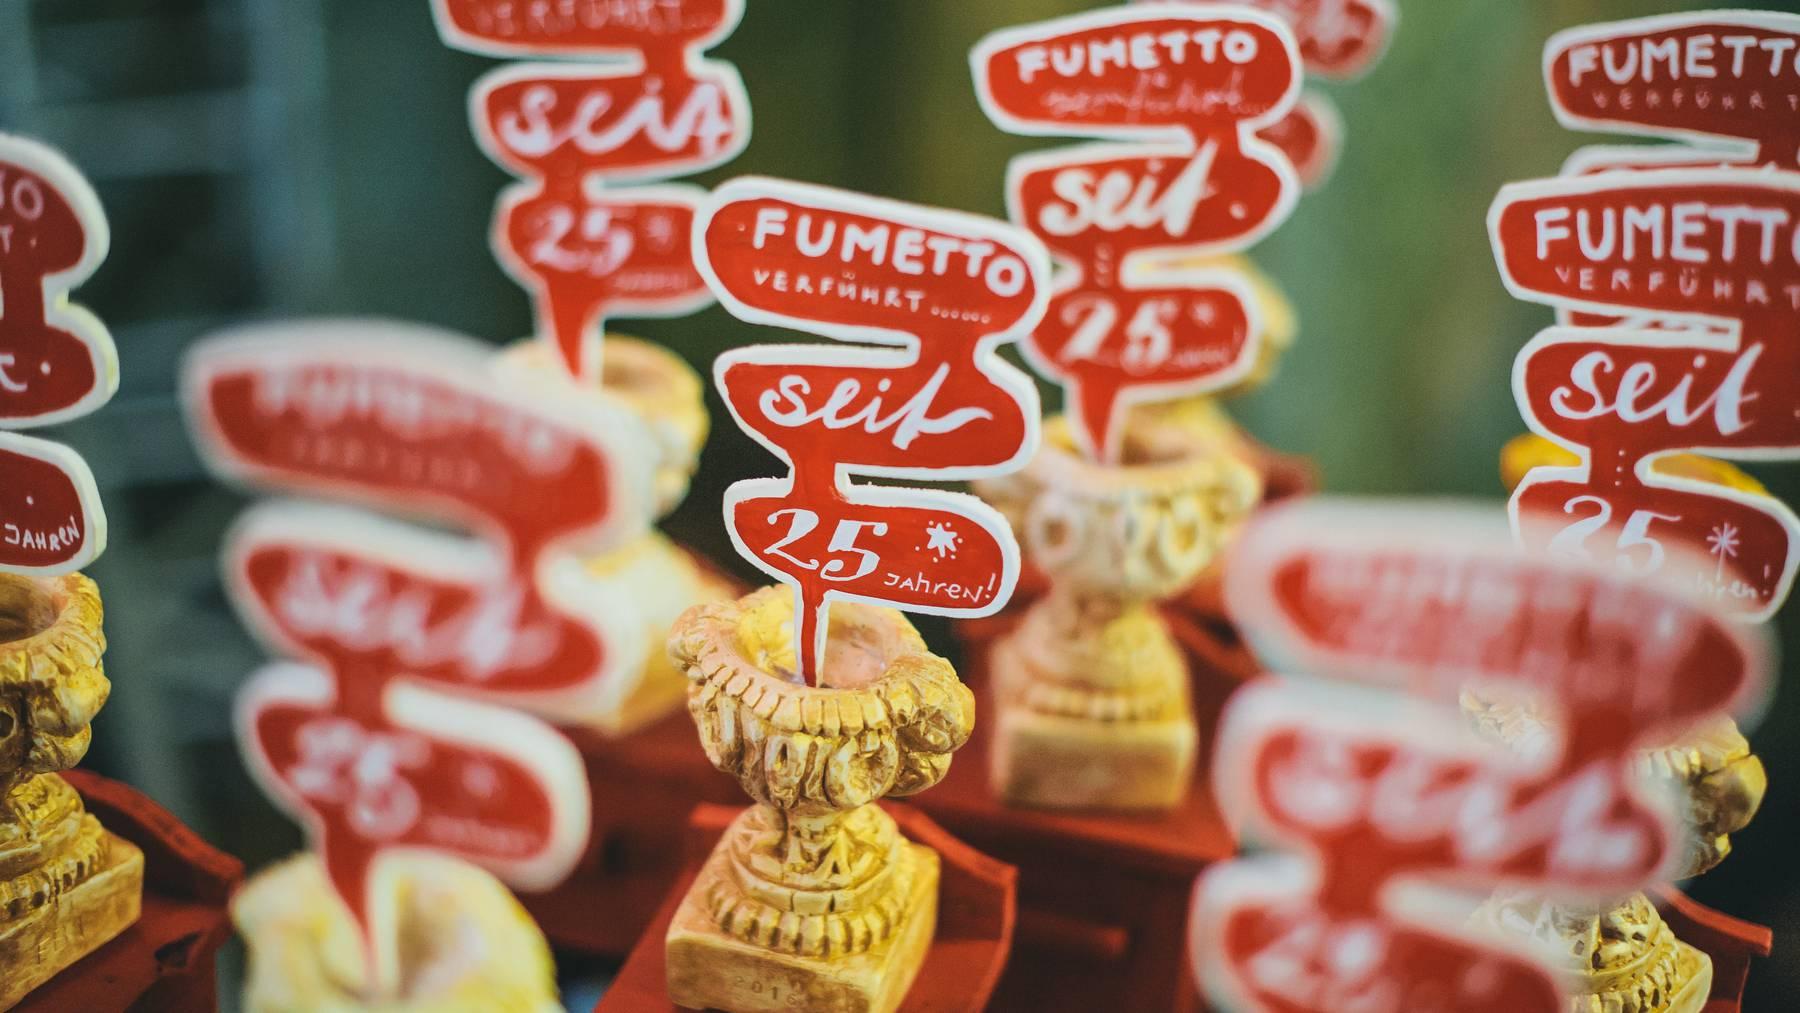 Impressionen vom 25. internationalen Comix-Festival Fumetto in Luzern